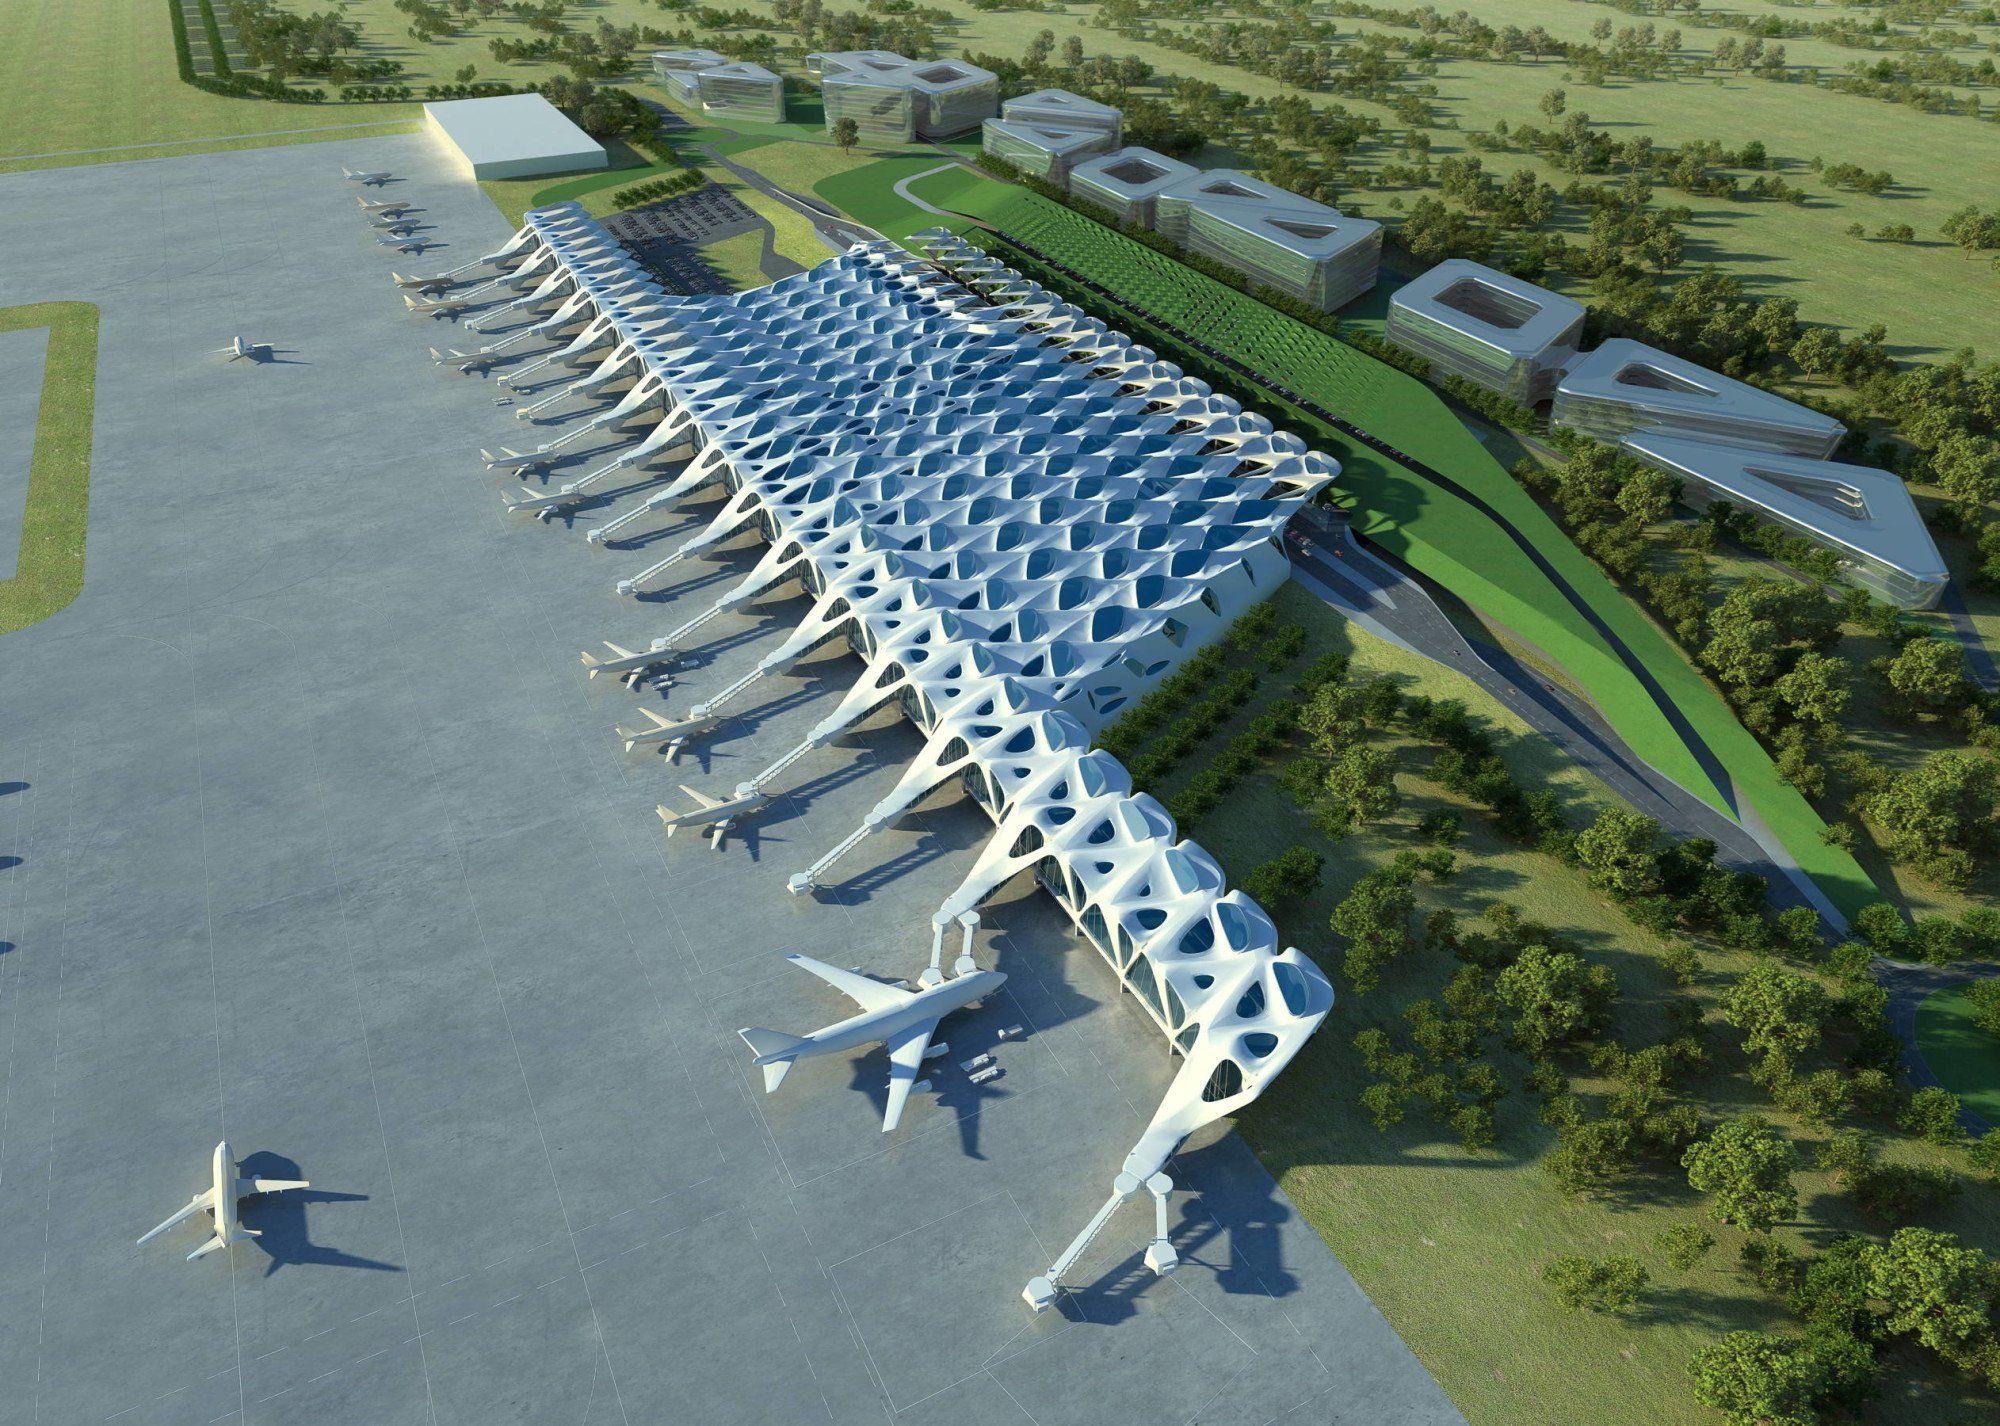 Zagreb Airport Zaha Hadid Architects Arch2o Com In 2020 Airport Design Zaha Hadid Zaha Hadid Architecture